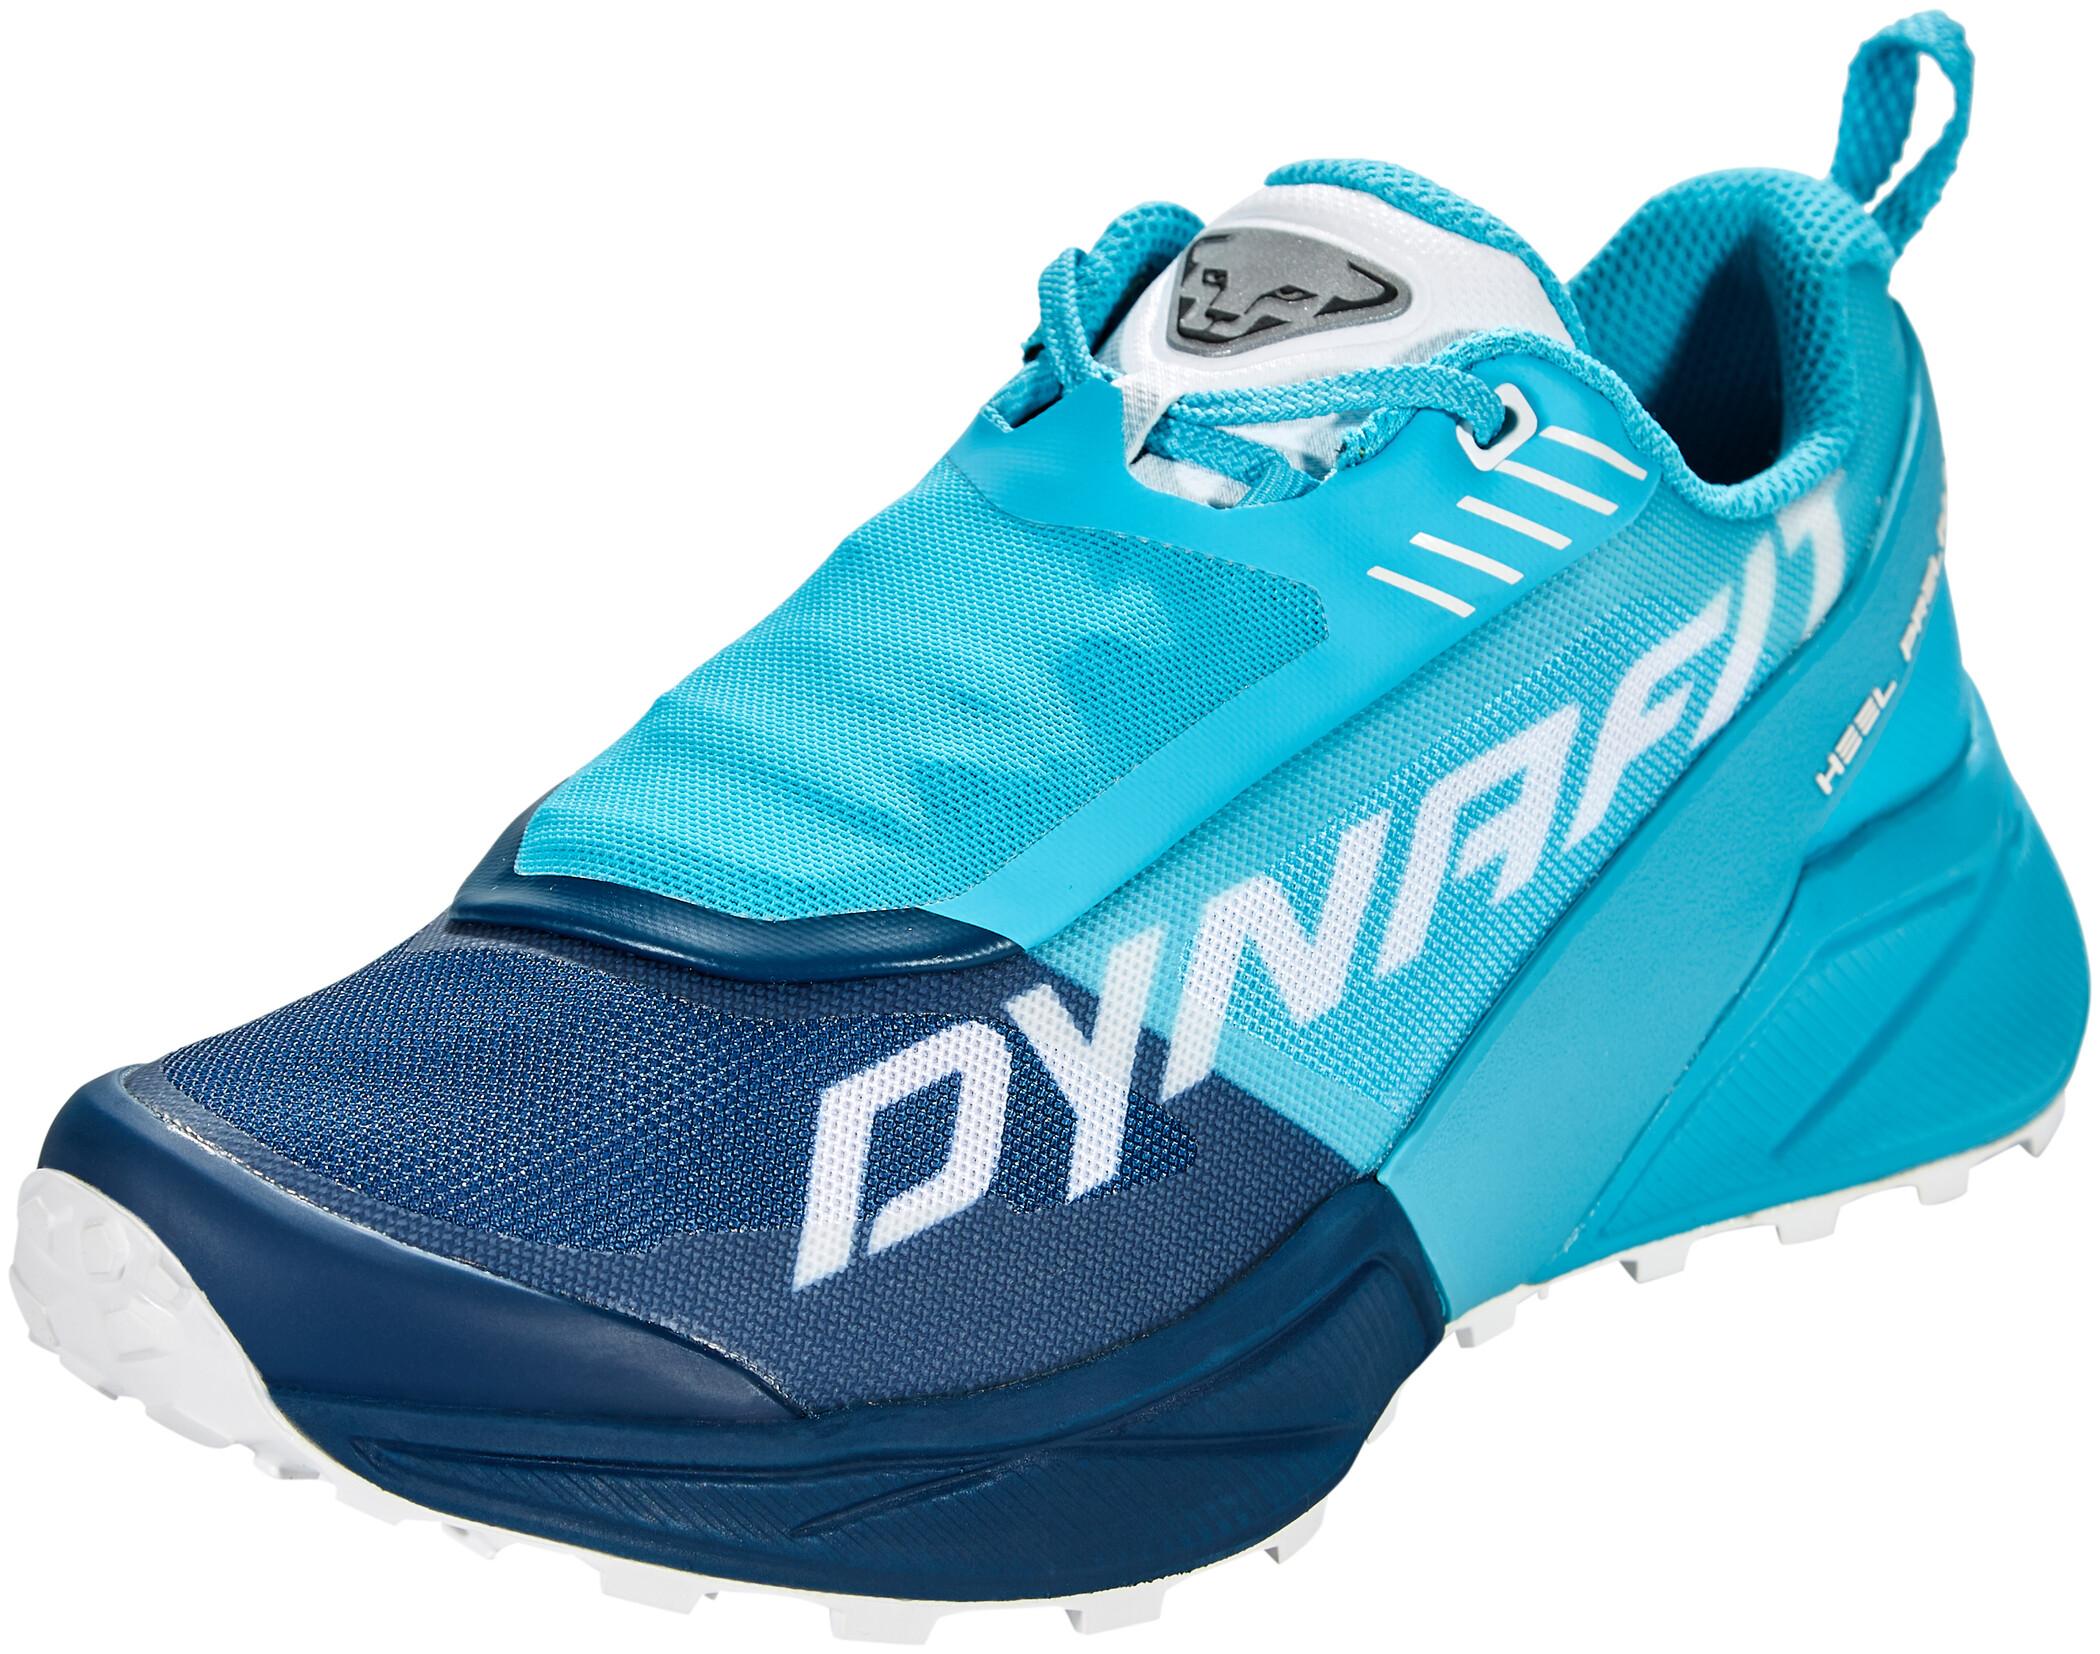 Dynafit Ultra 100 Shoes Women poseidonsilvretta